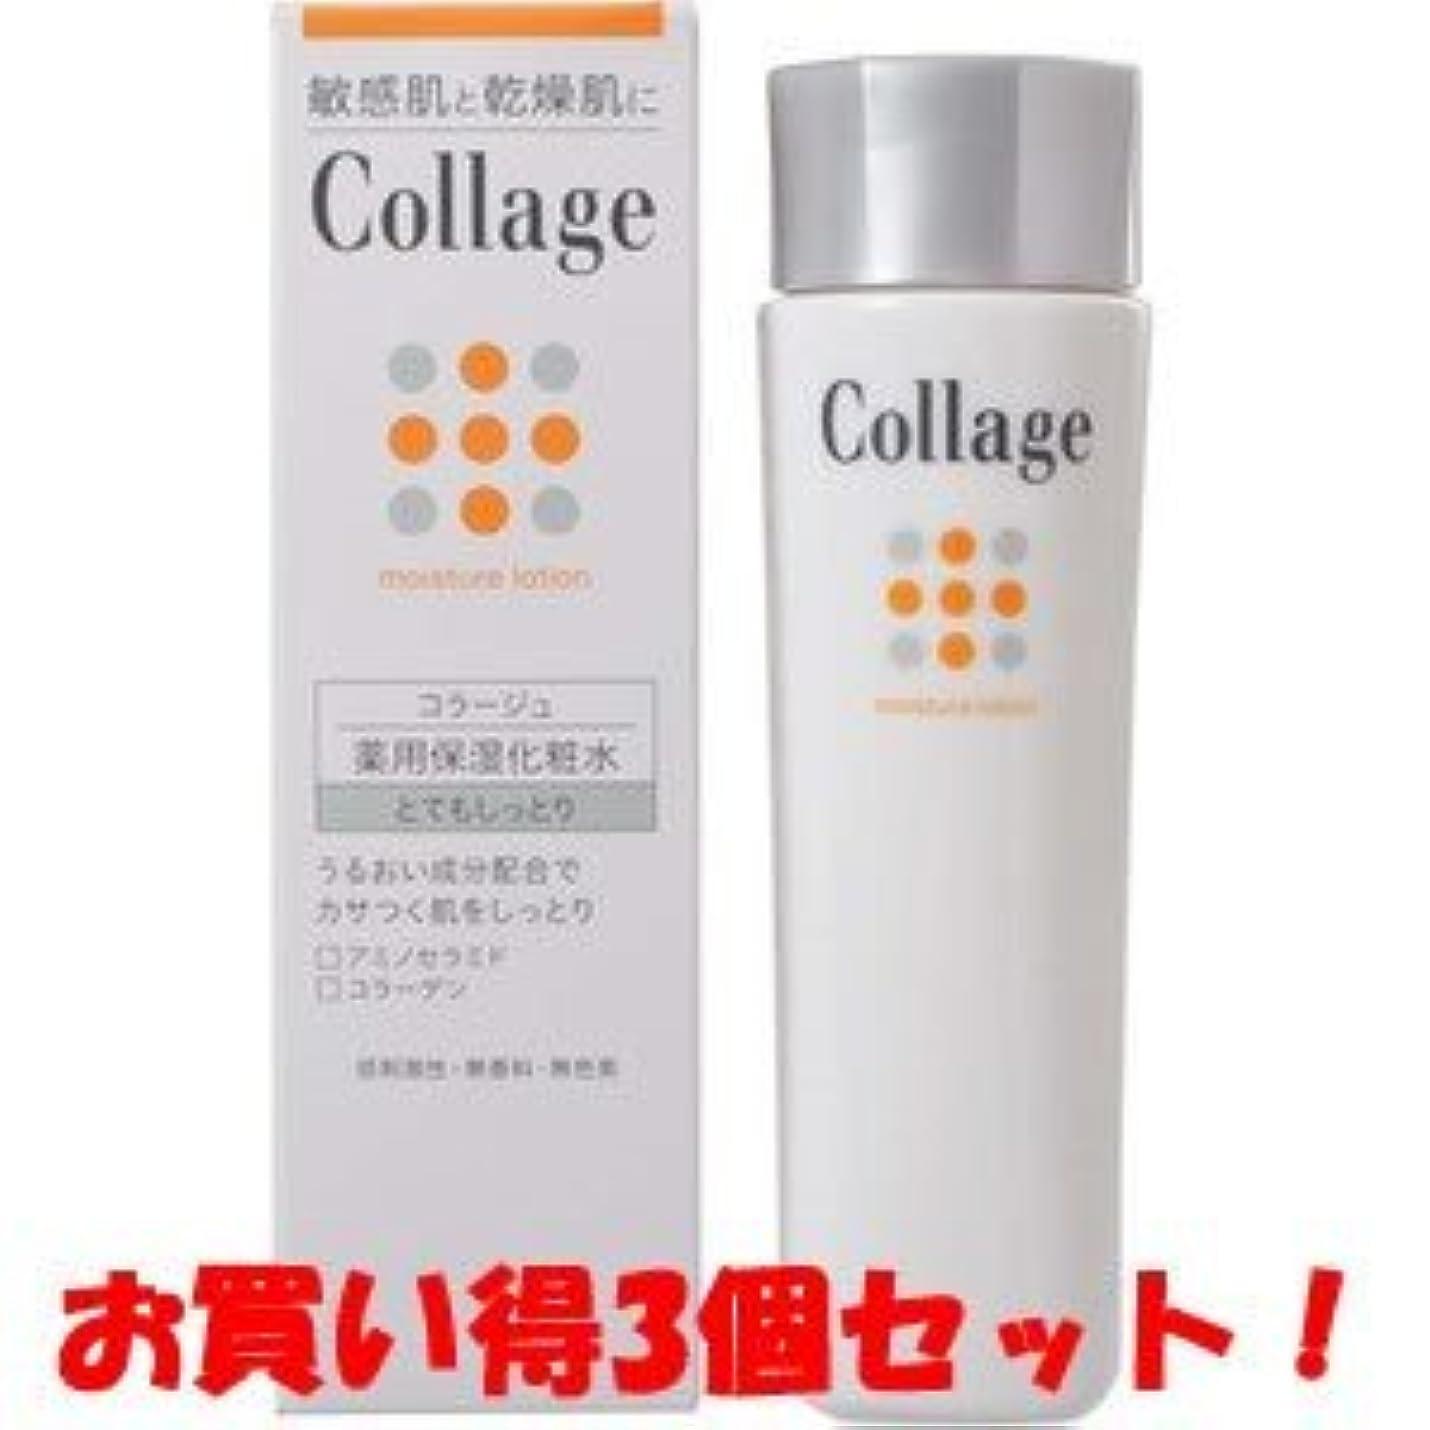 線幾分貢献する(持田ヘルスケア)コラージュ 薬用保湿化粧水 とてもしっとり 120ml(医薬部外品)(お買い得3個セット)